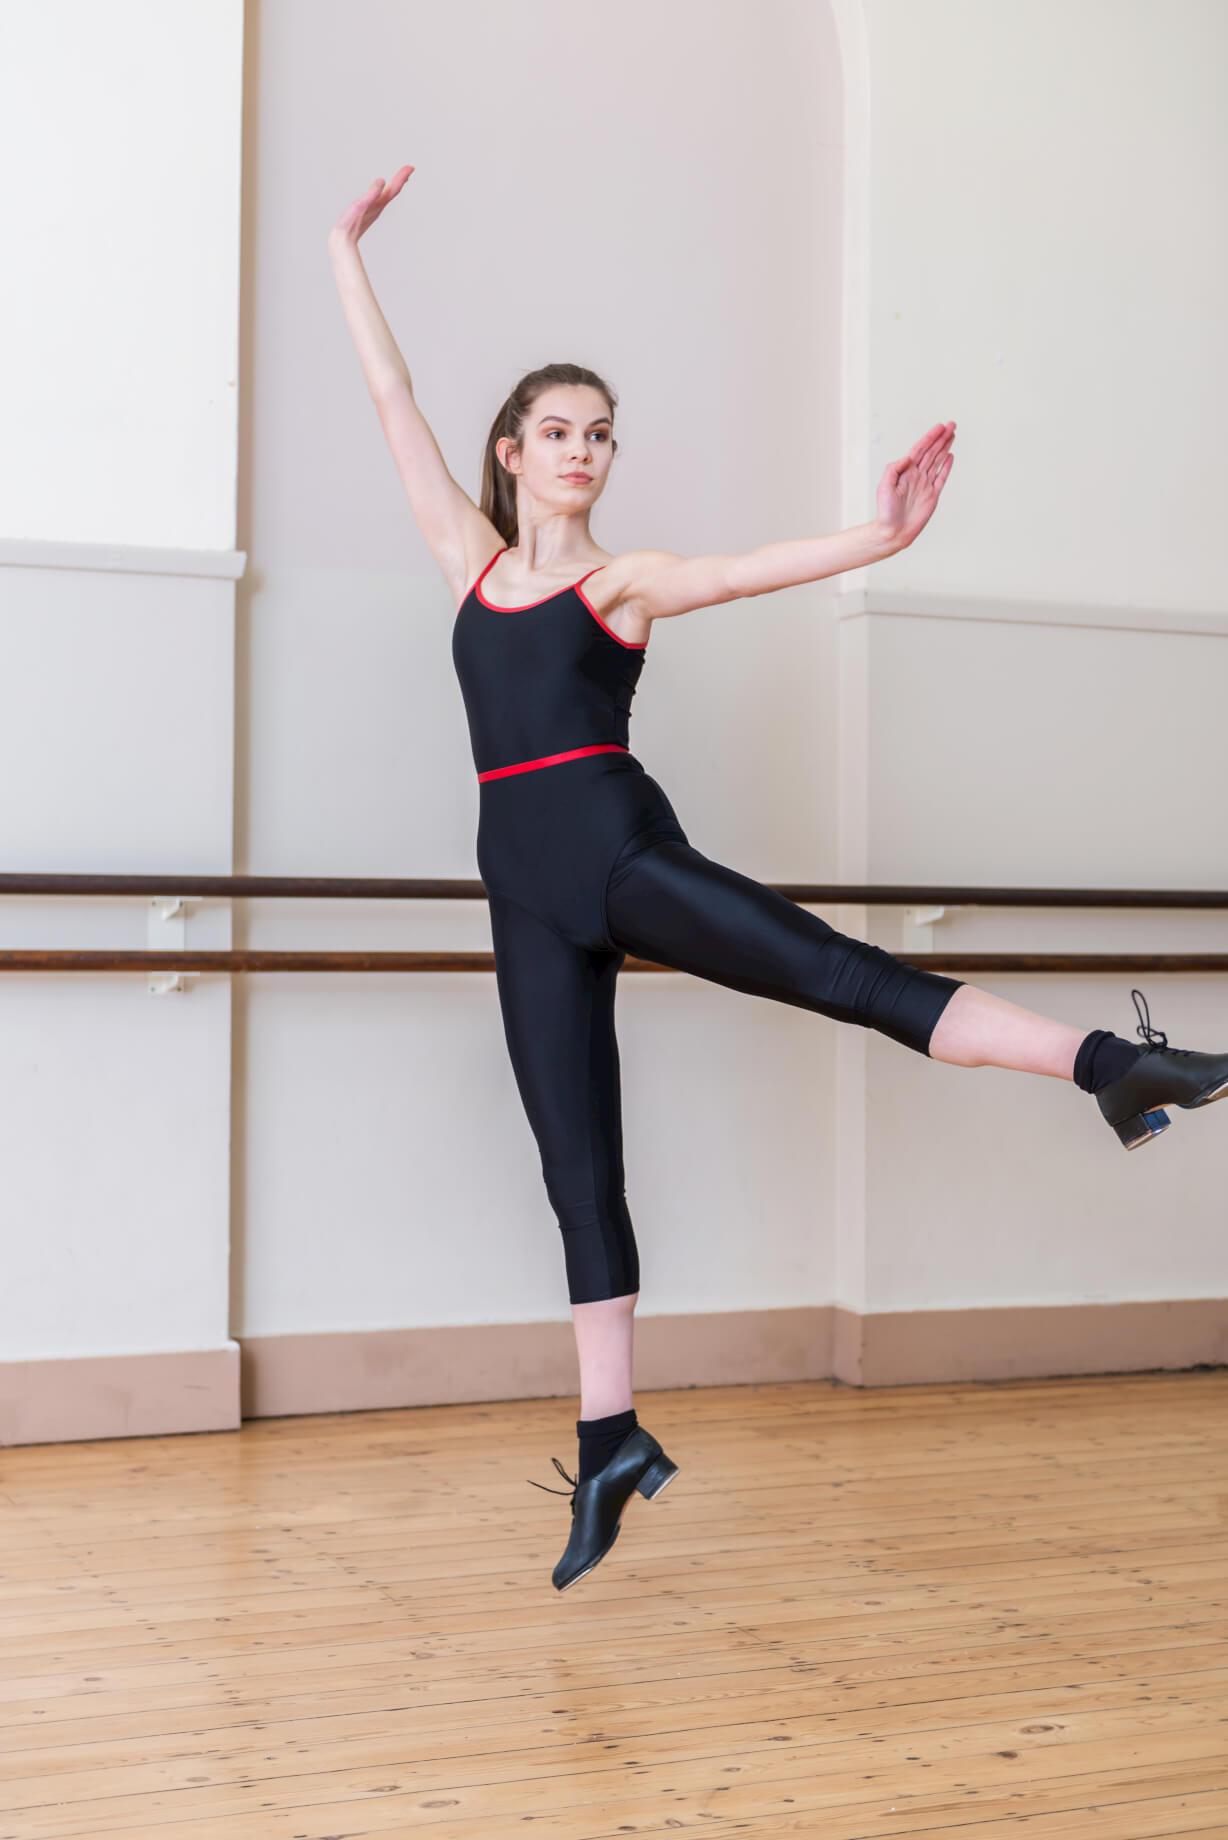 tap-jump-girl-dance-class-solo-rnsd-rutleigh-norris-school-of-dance.jpg